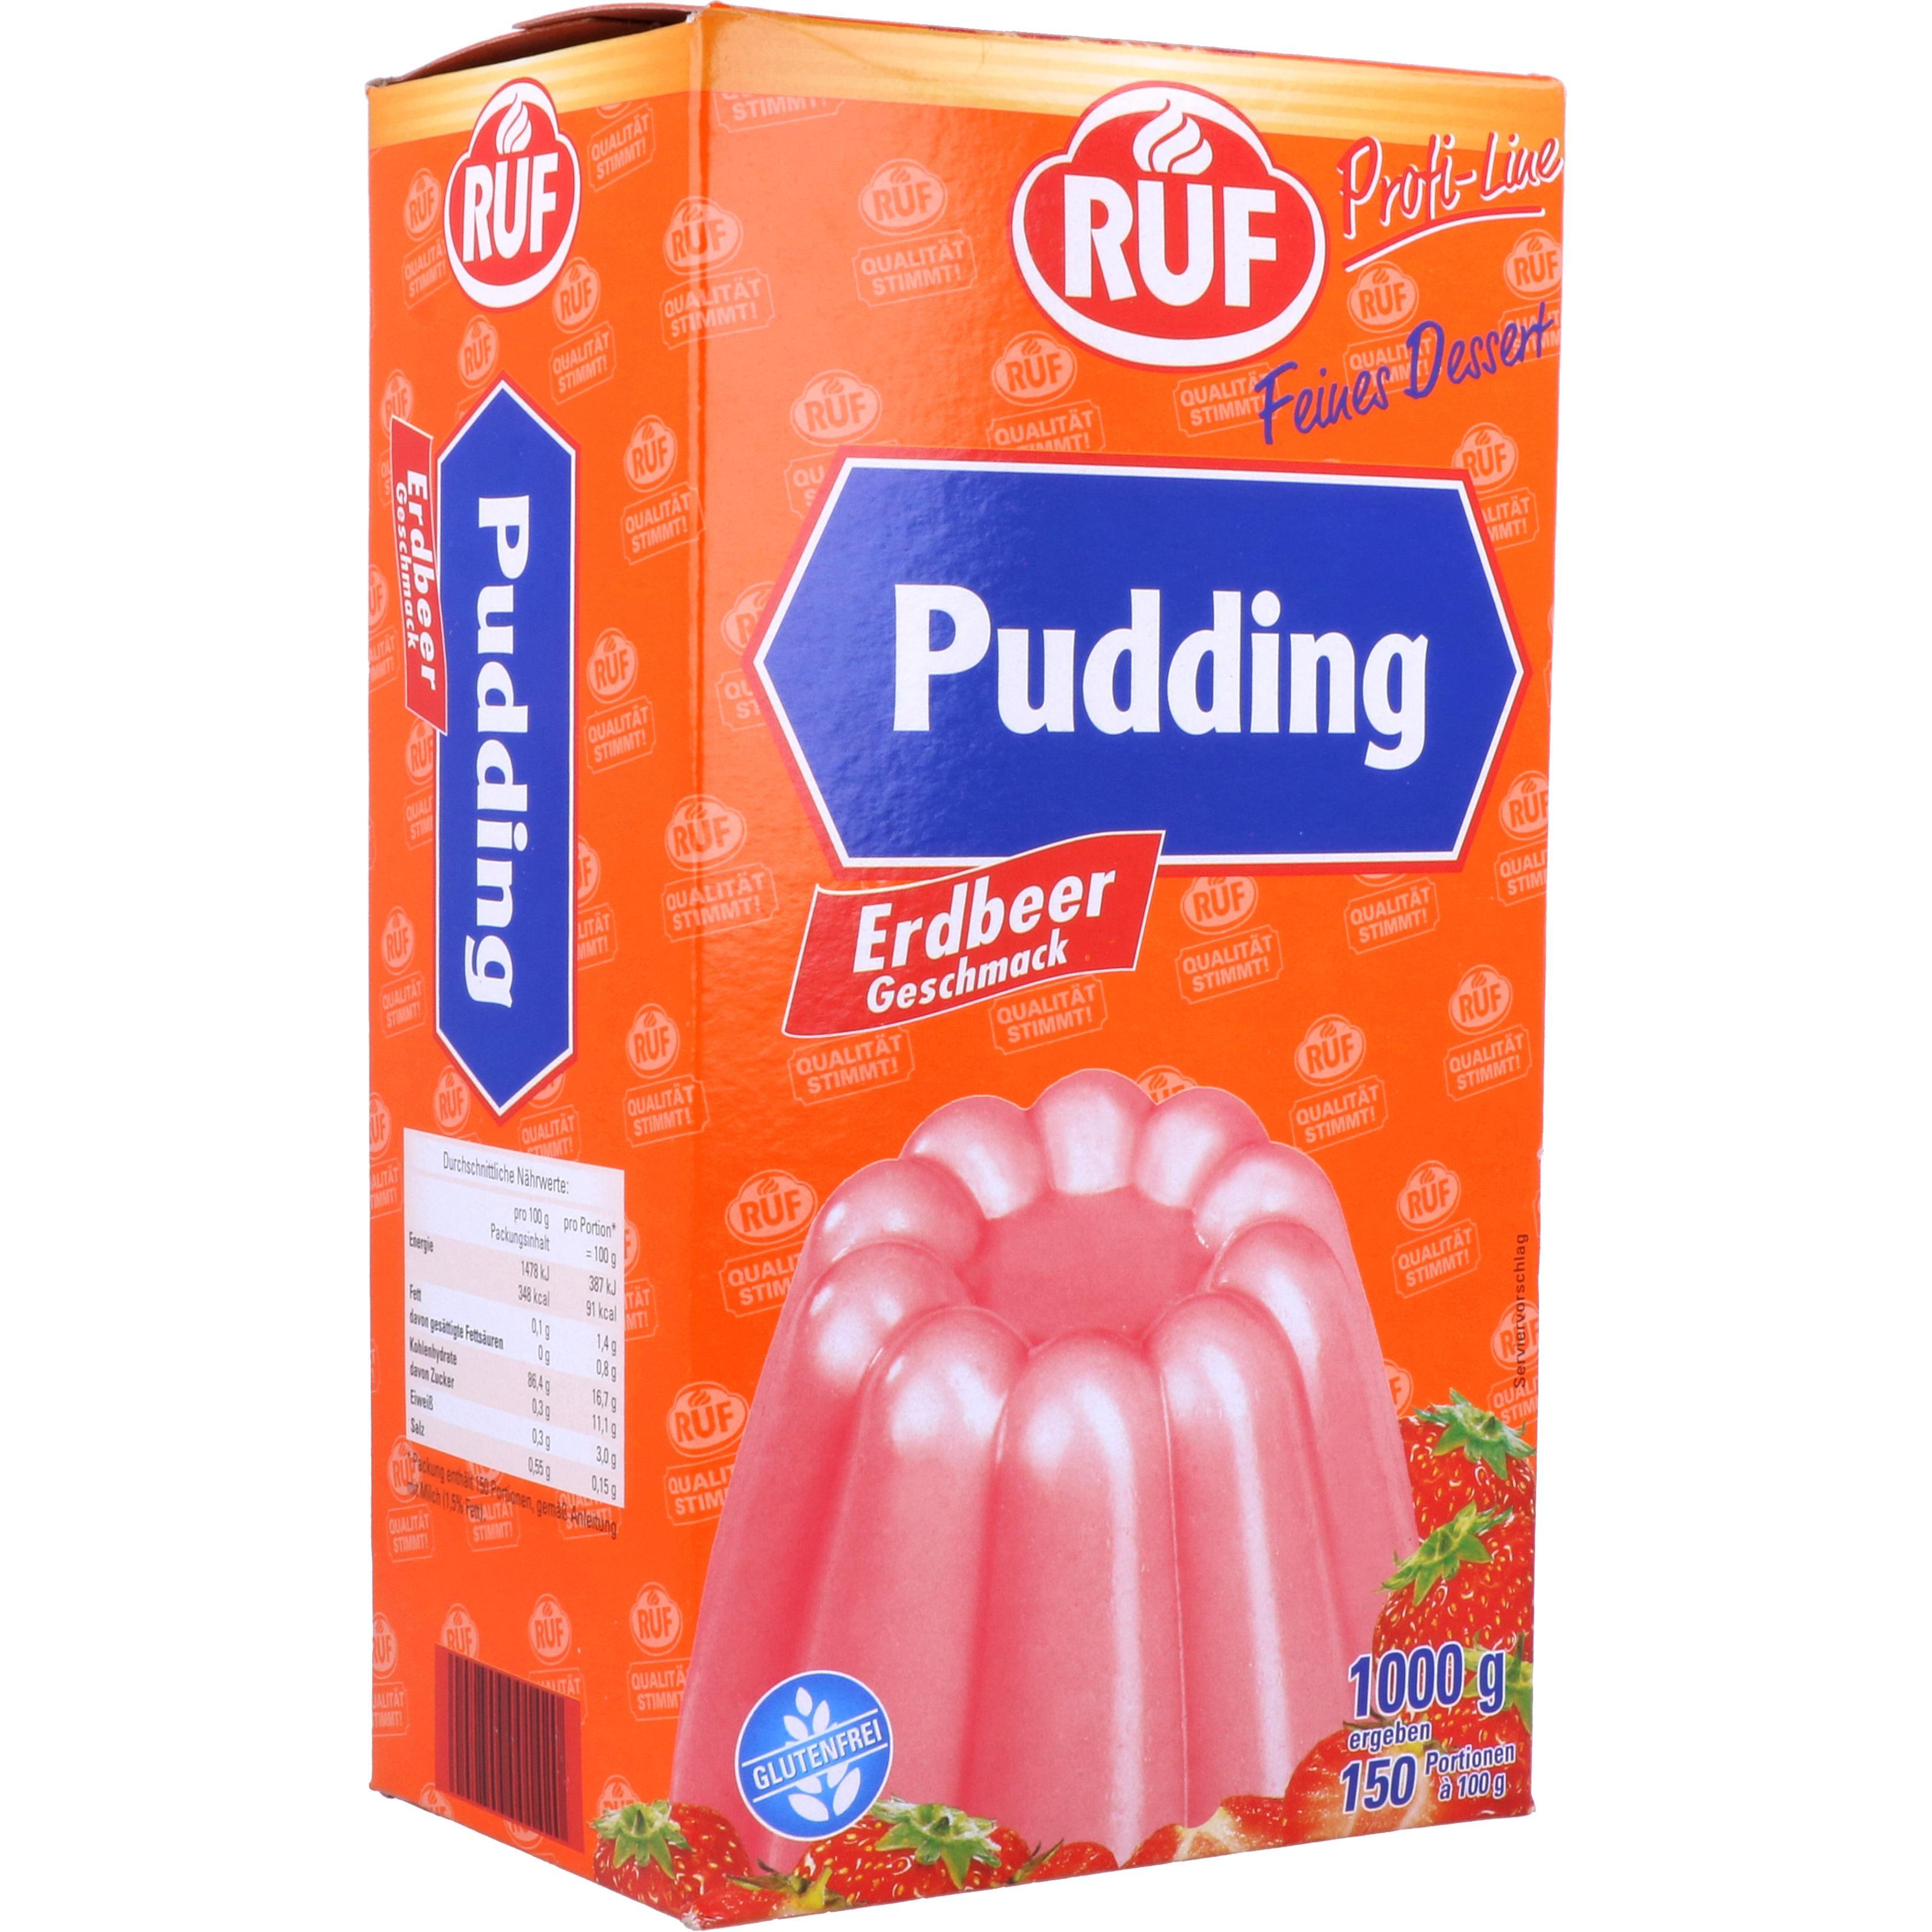 Ruf Puddingpulver Erdbeer 1kg